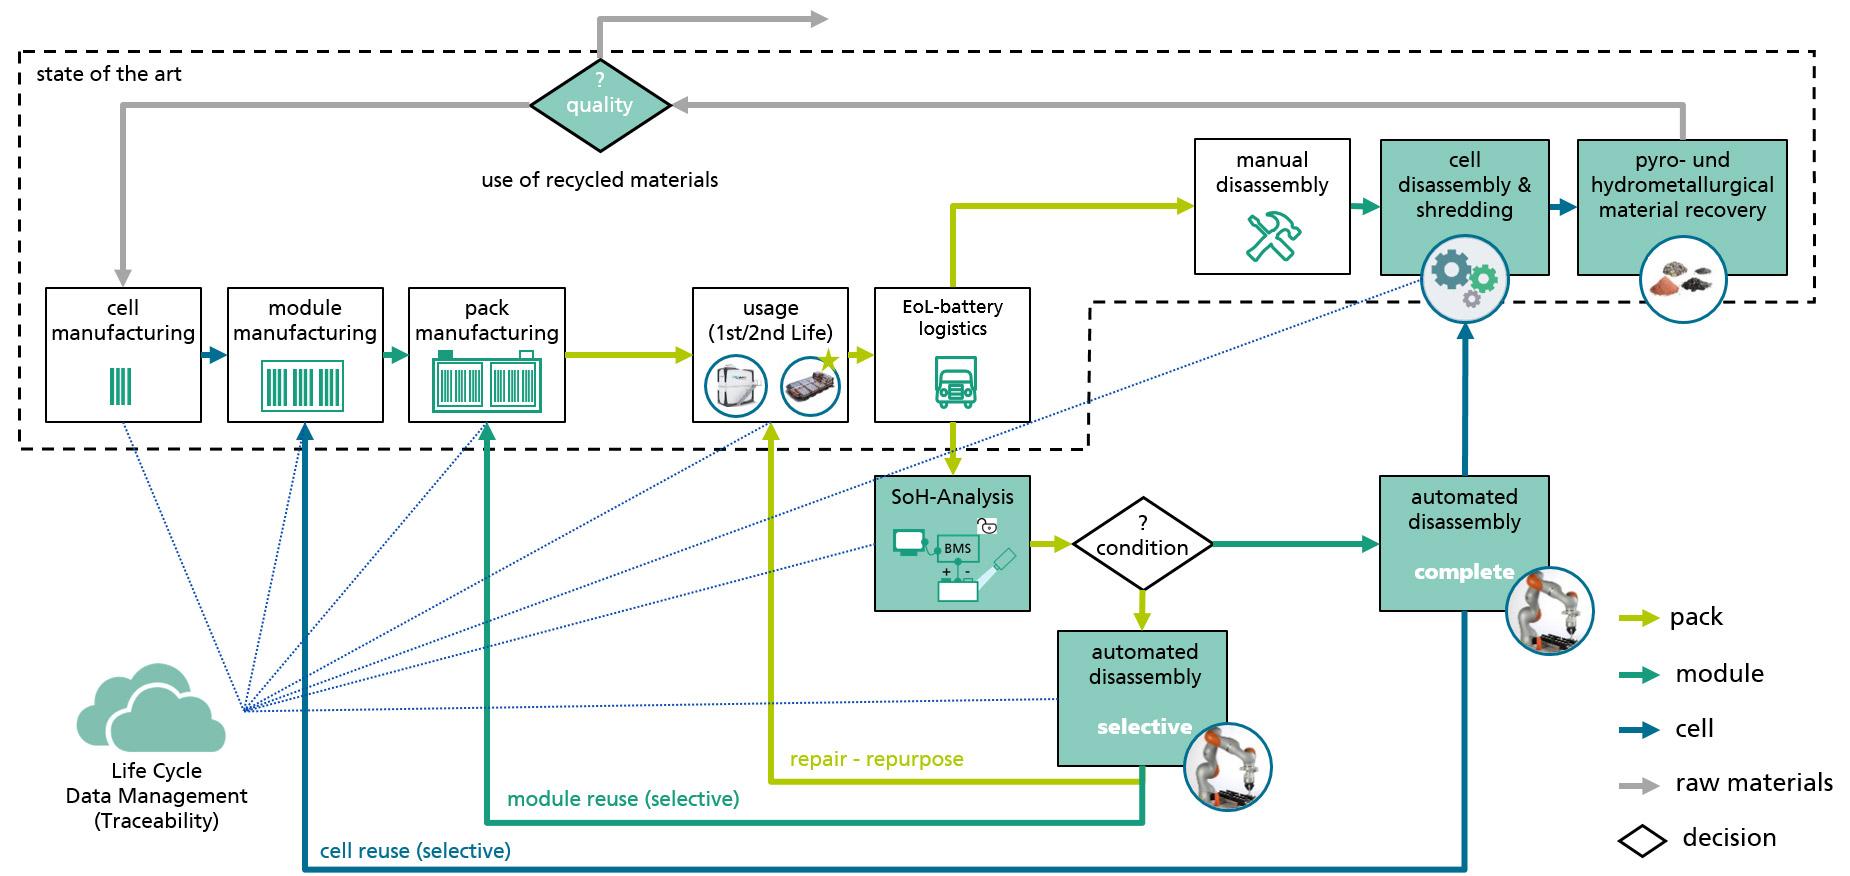 Lebenszyklus automatisierter Demontage von Batteriemodulen und E-Antriebsaggregaten